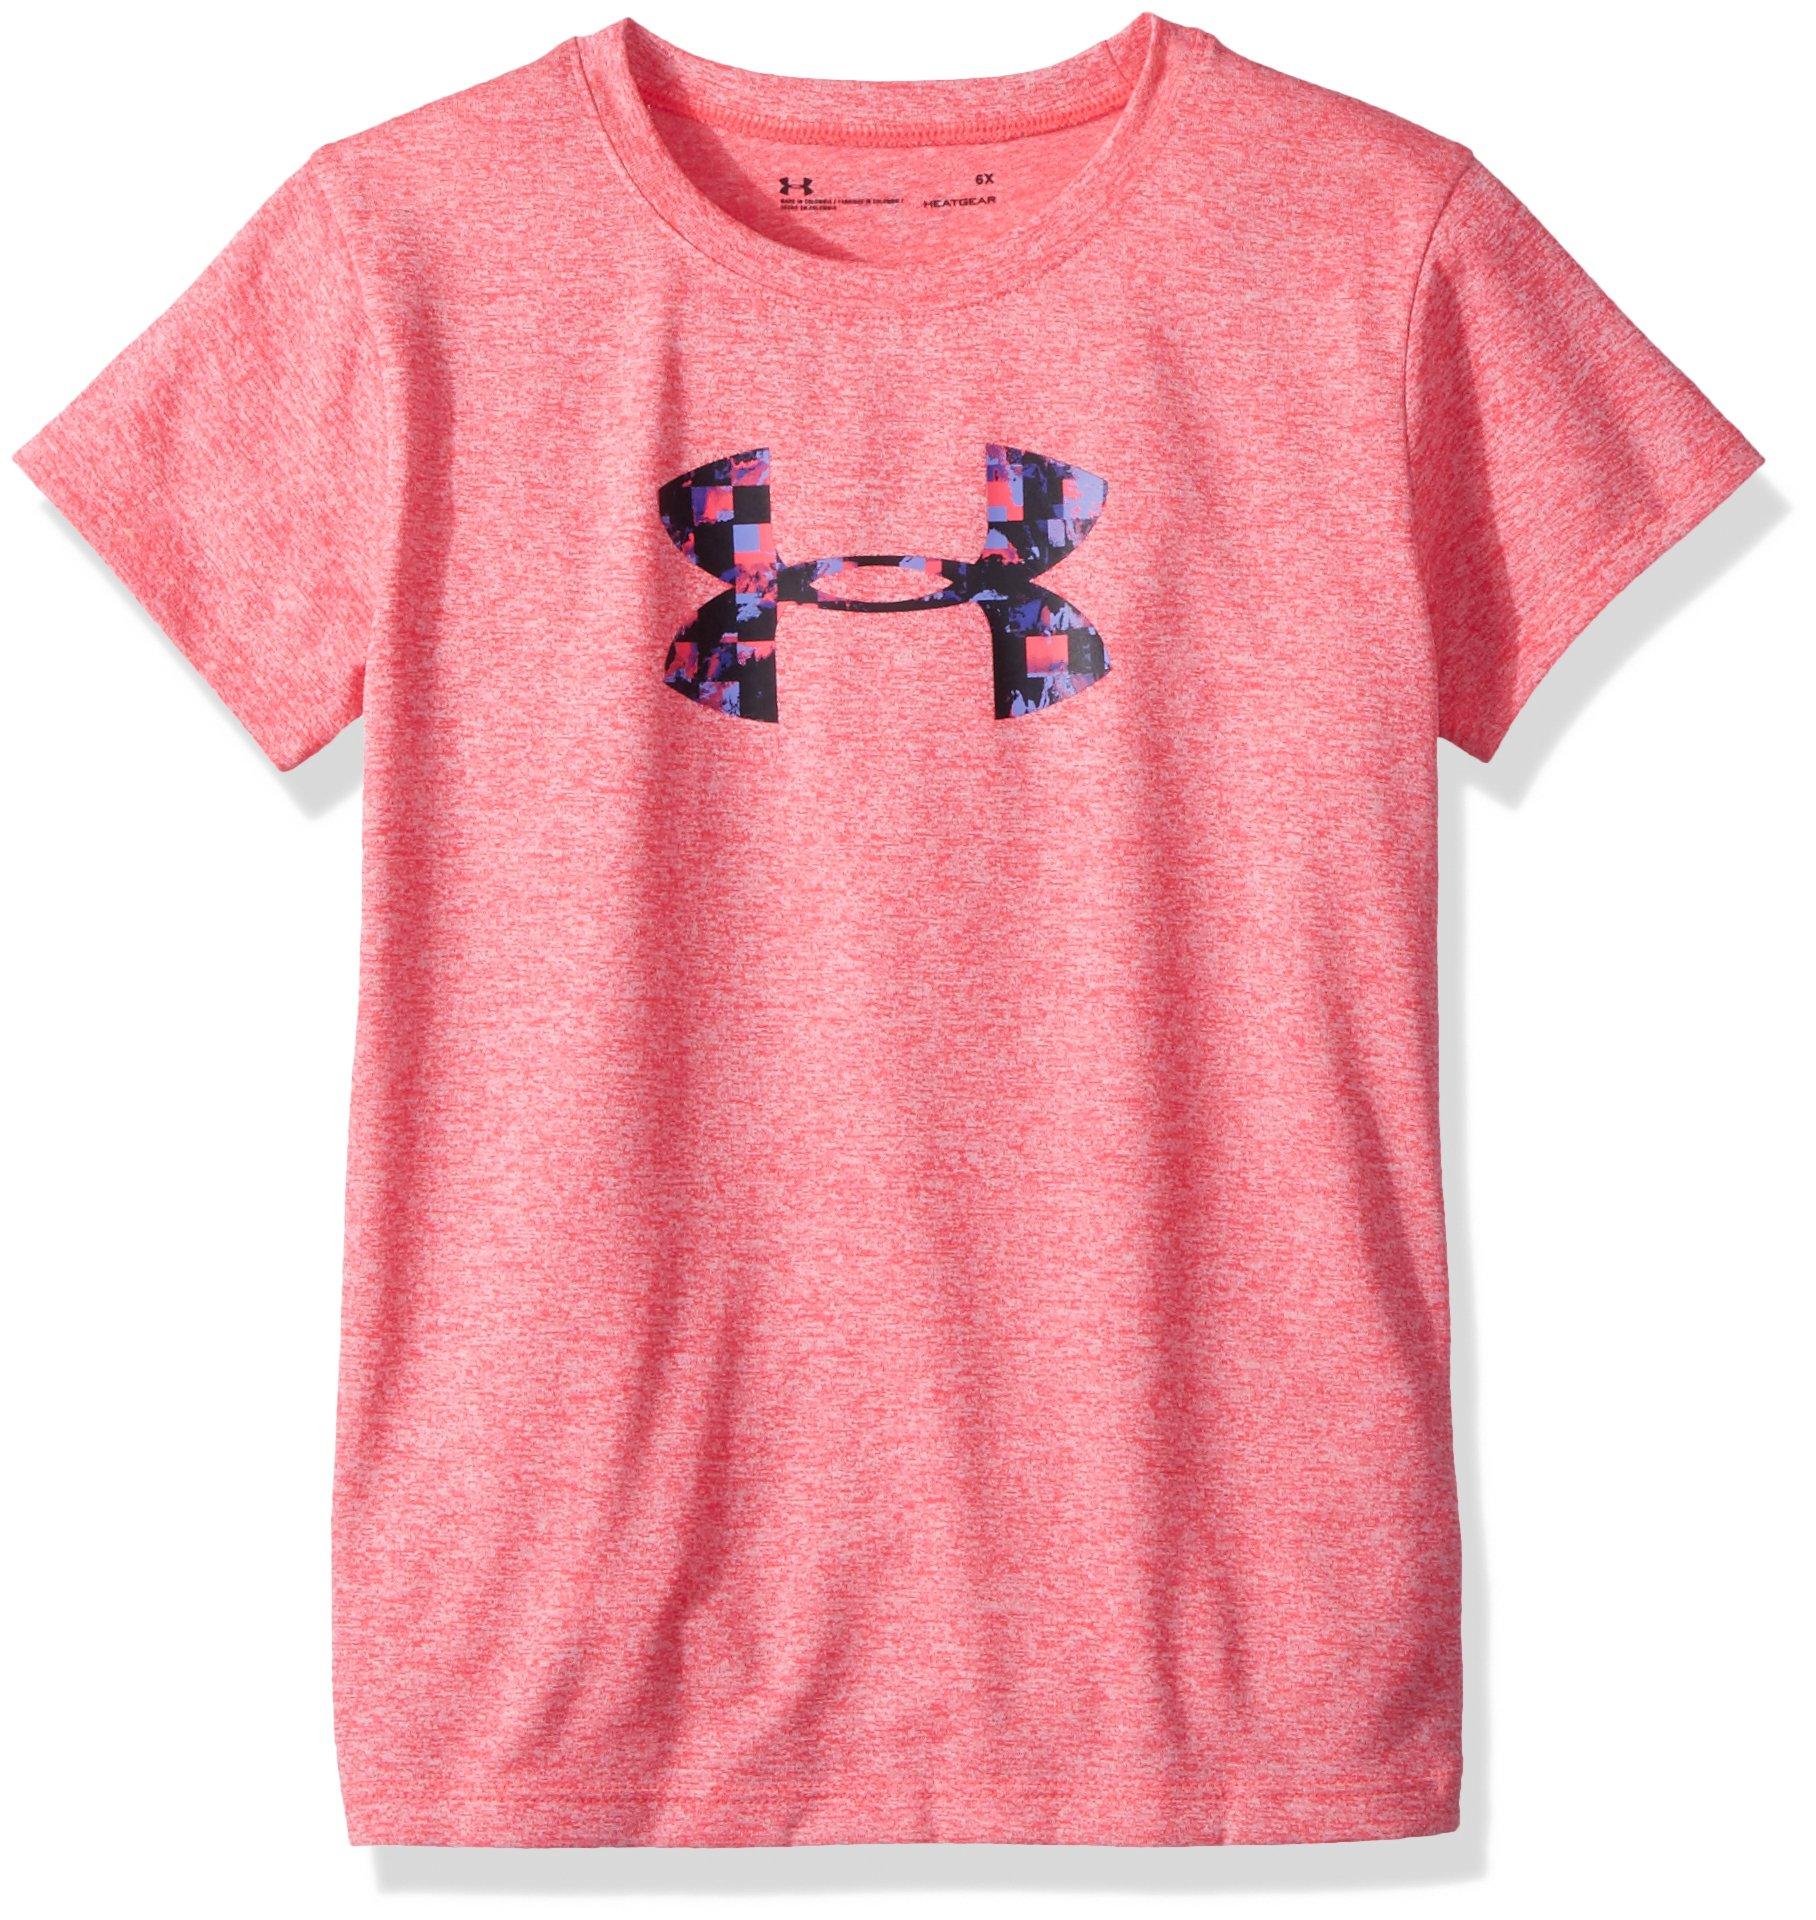 Under Armour Girls' Little Overlay Print Logo Short Sleeve T-Shirt, Penta Pink, 5